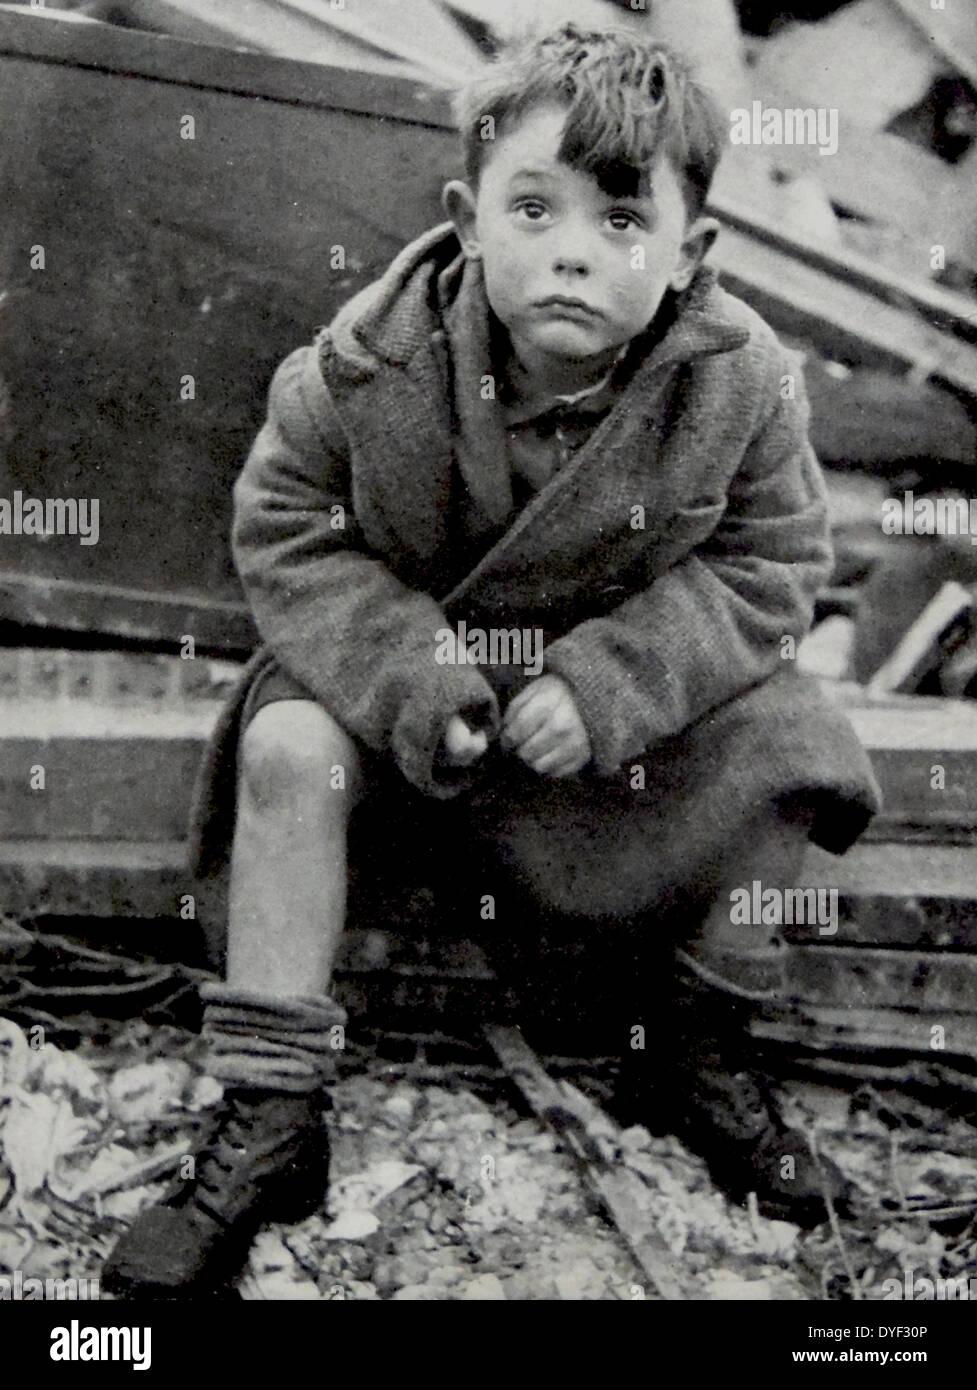 Ein verwaistes Kind nach Überlebenden der Blitz auf London. Stockfoto